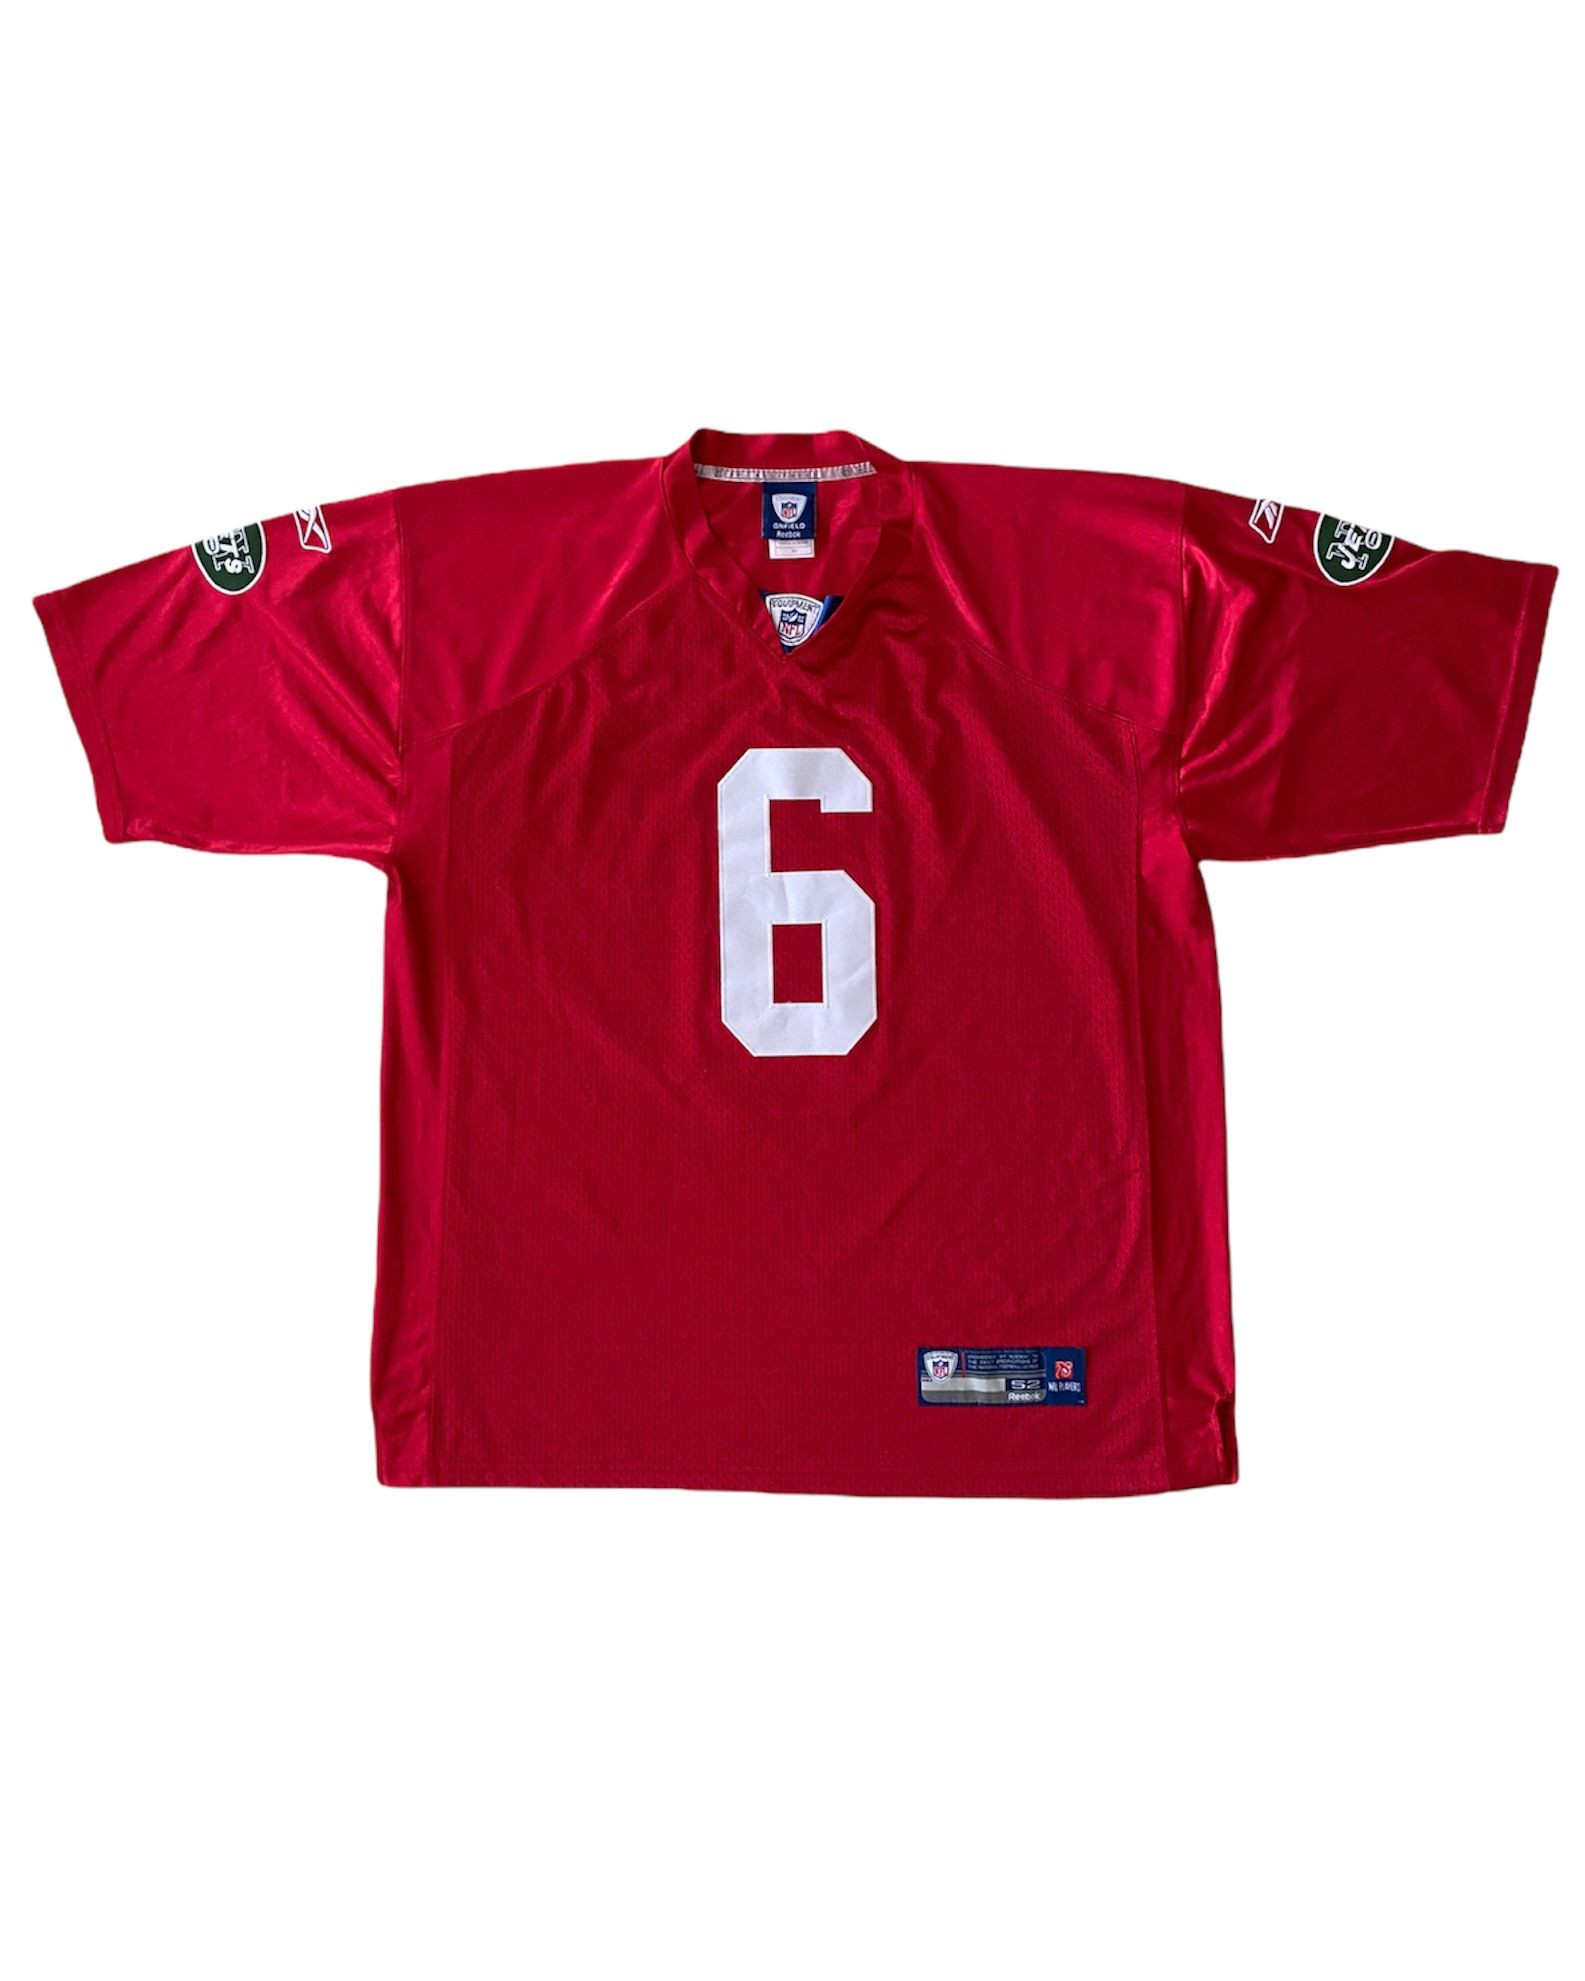 Reebok NFL New York Jets Jersey (XXL)